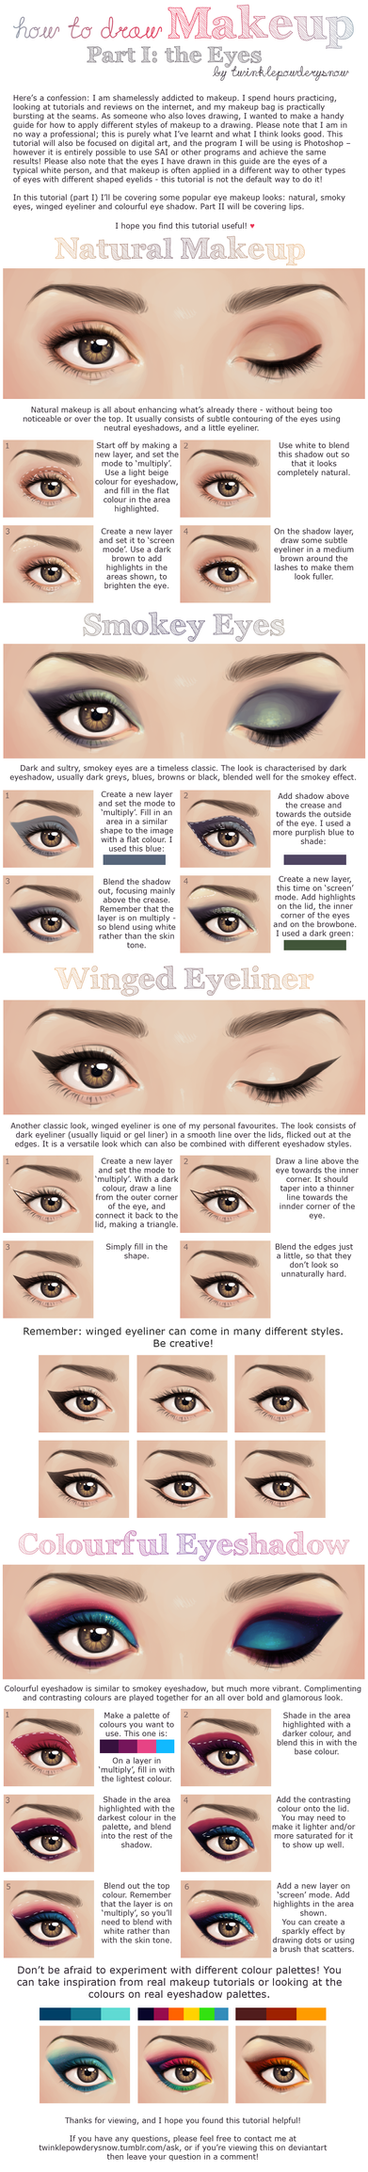 How to Draw Makeup - Part I: Eyes by TwinklePowderySnow